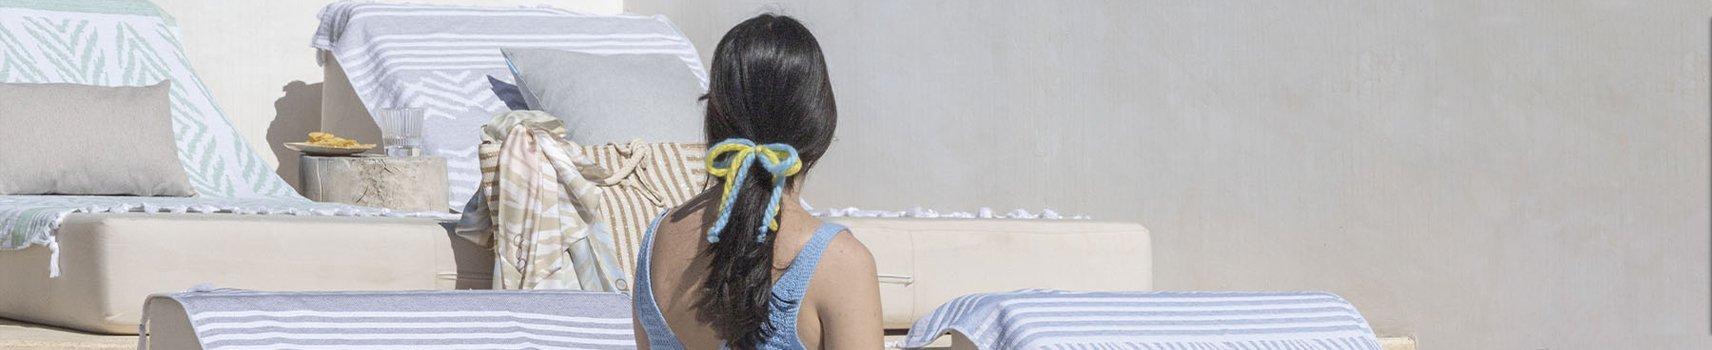 Complementos de moda Don Algodón